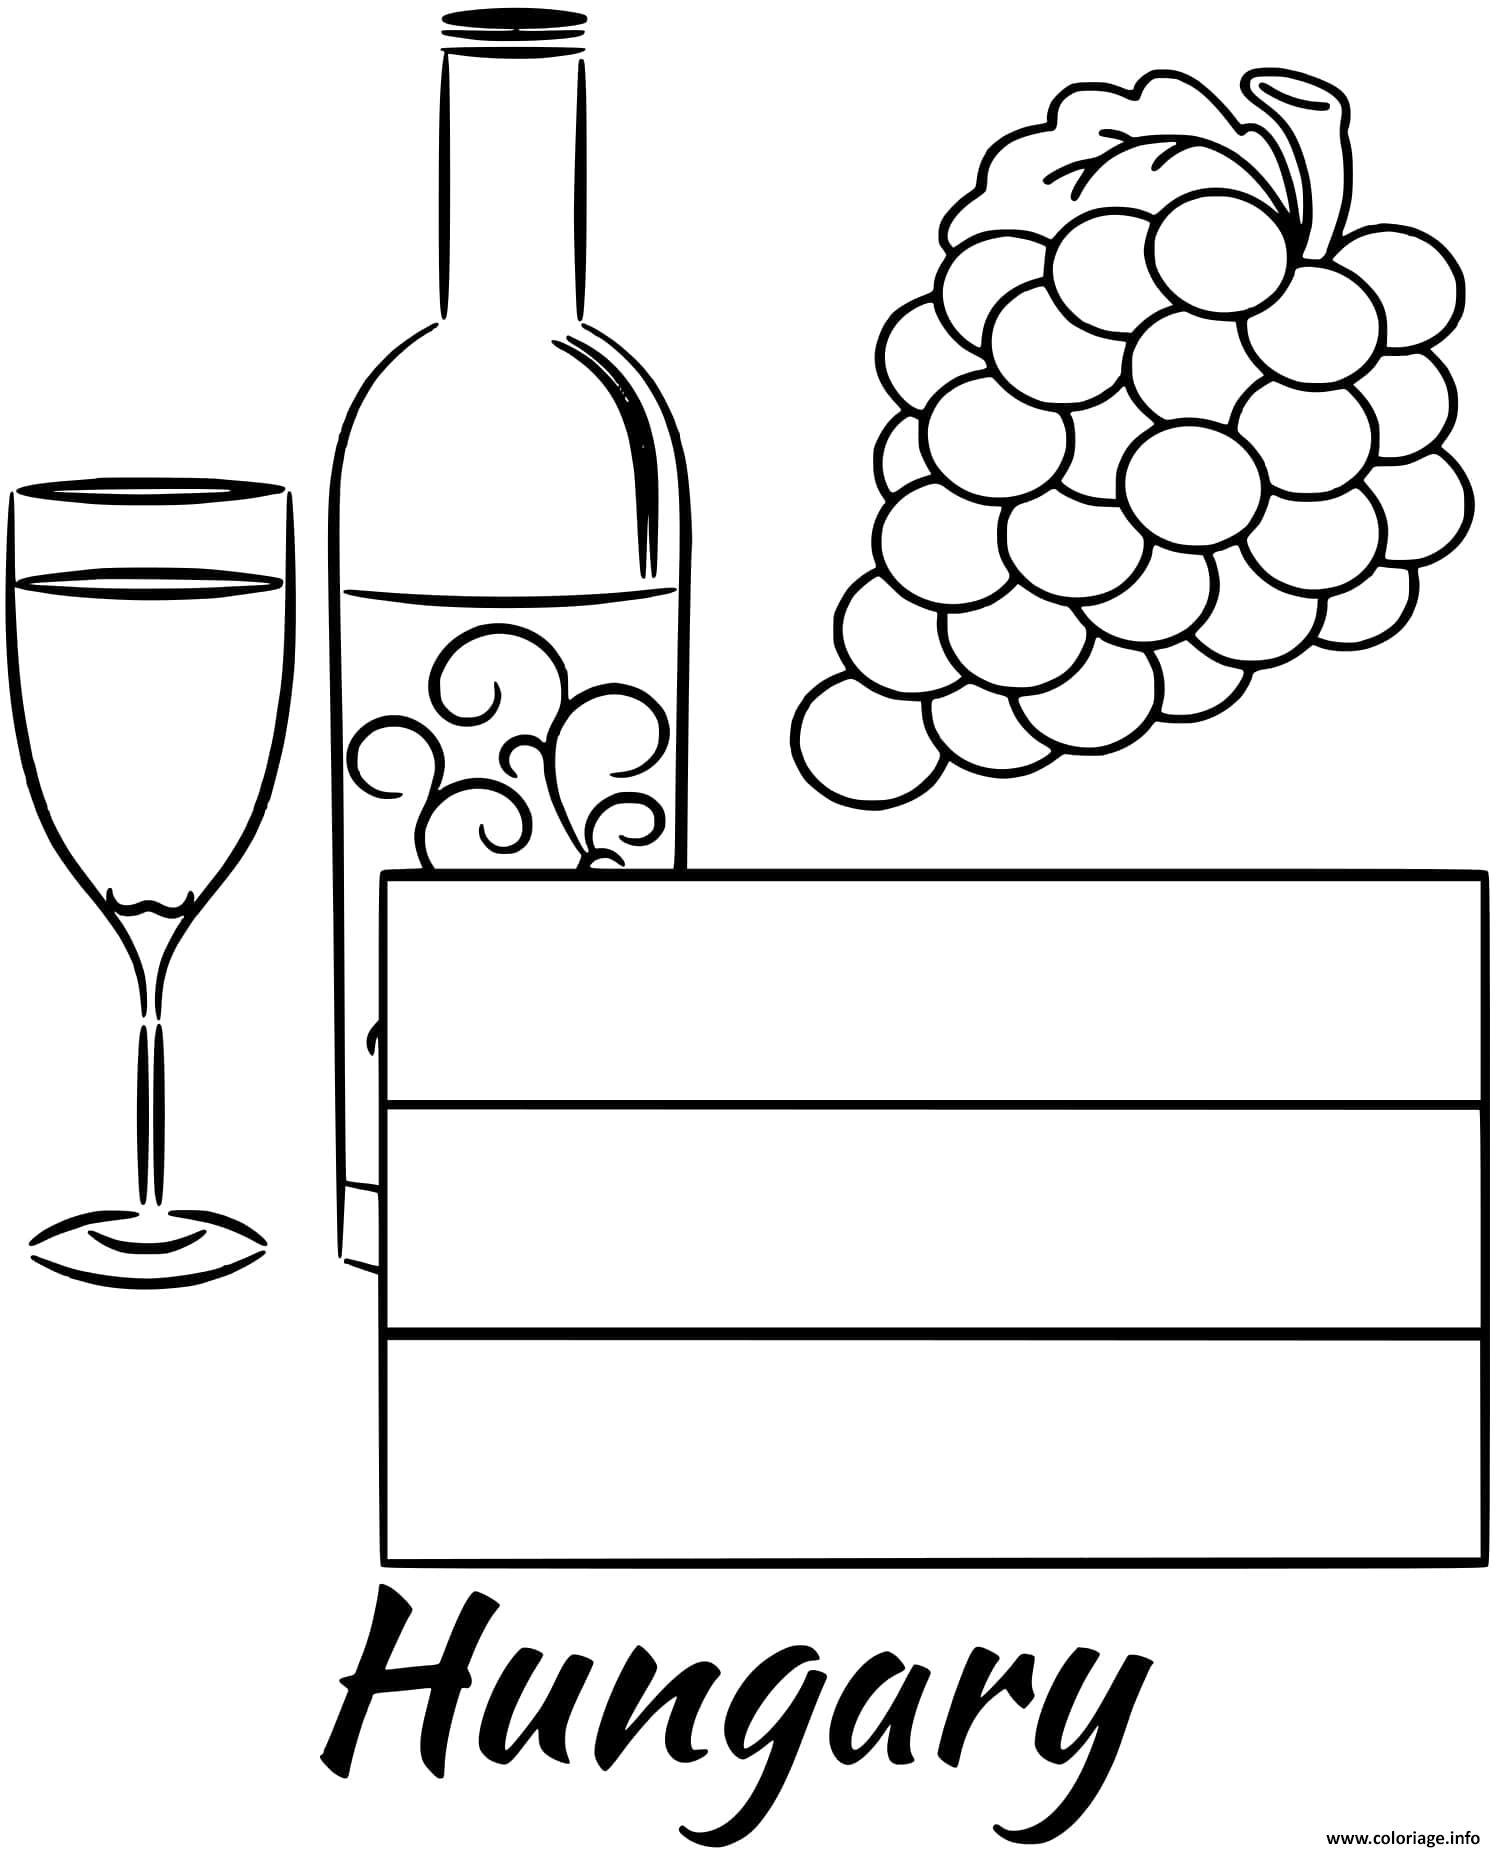 Dessin hungary drapeau wine Coloriage Gratuit à Imprimer